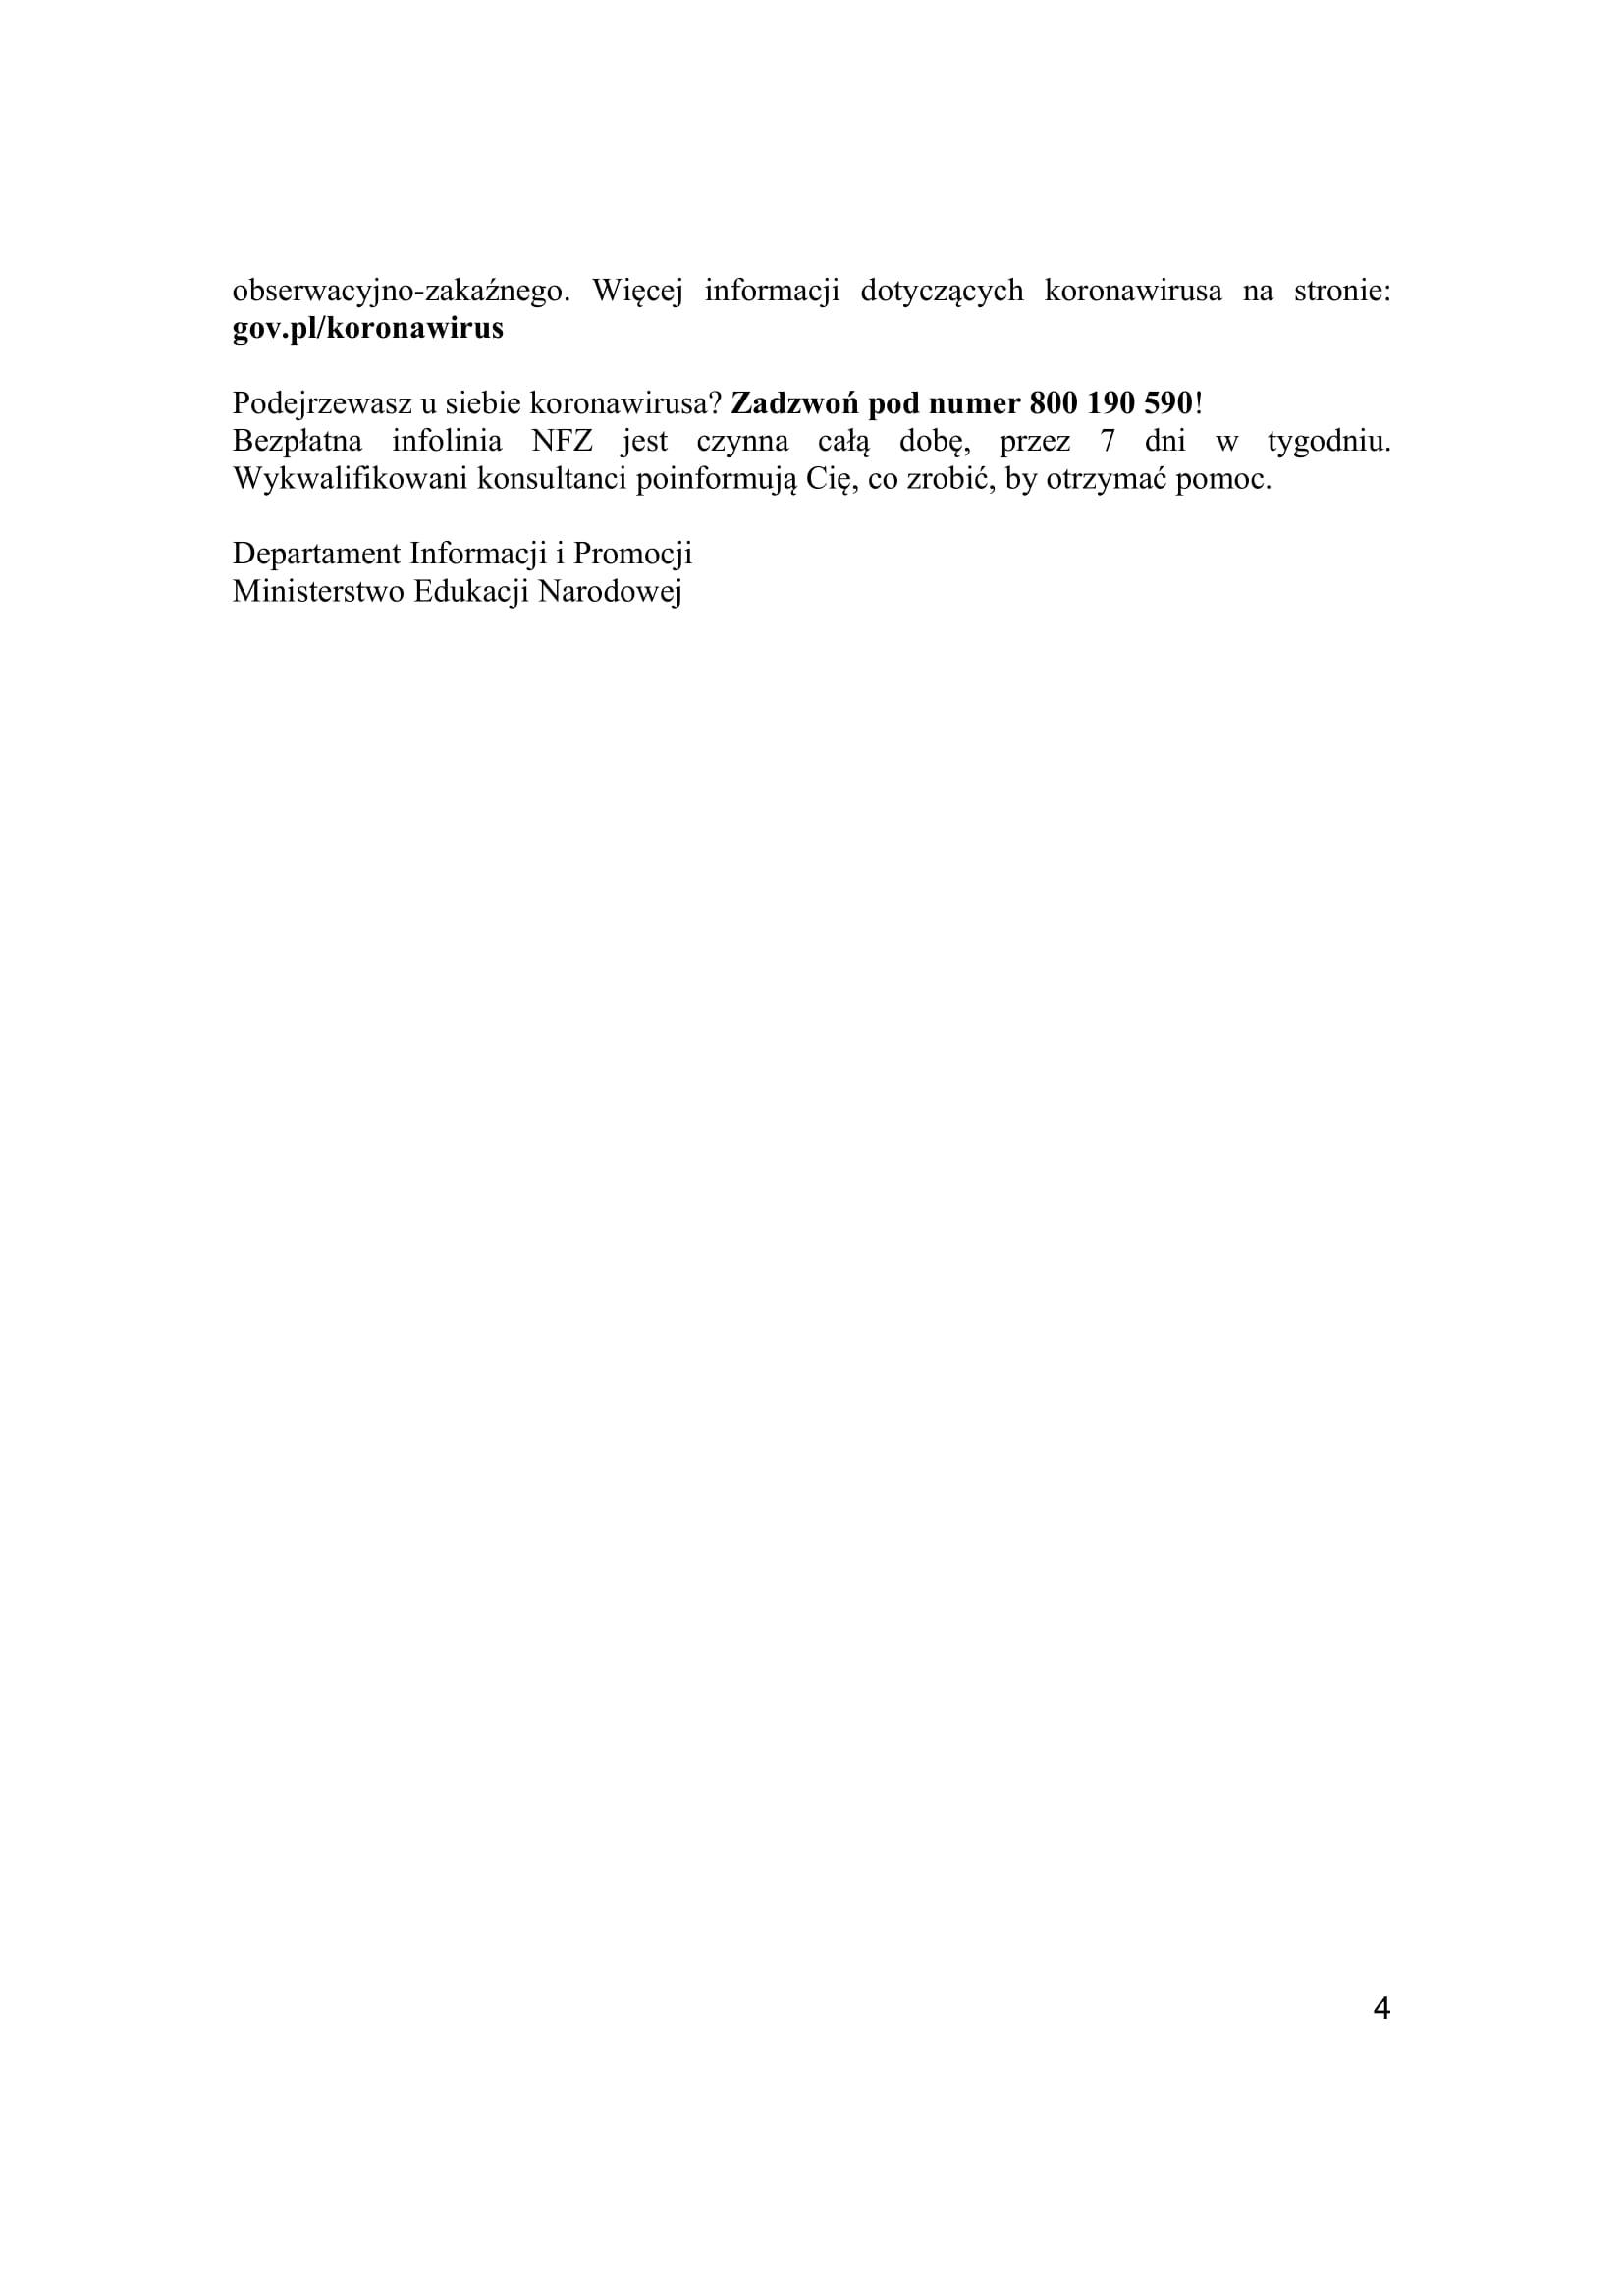 https://m.powiatszczycienski.pl/2020/03/orig/2020-03-11-zawieszenie-zajec-w-przedszkolach-szkolach-i-placowkach-men-4-28486.jpg